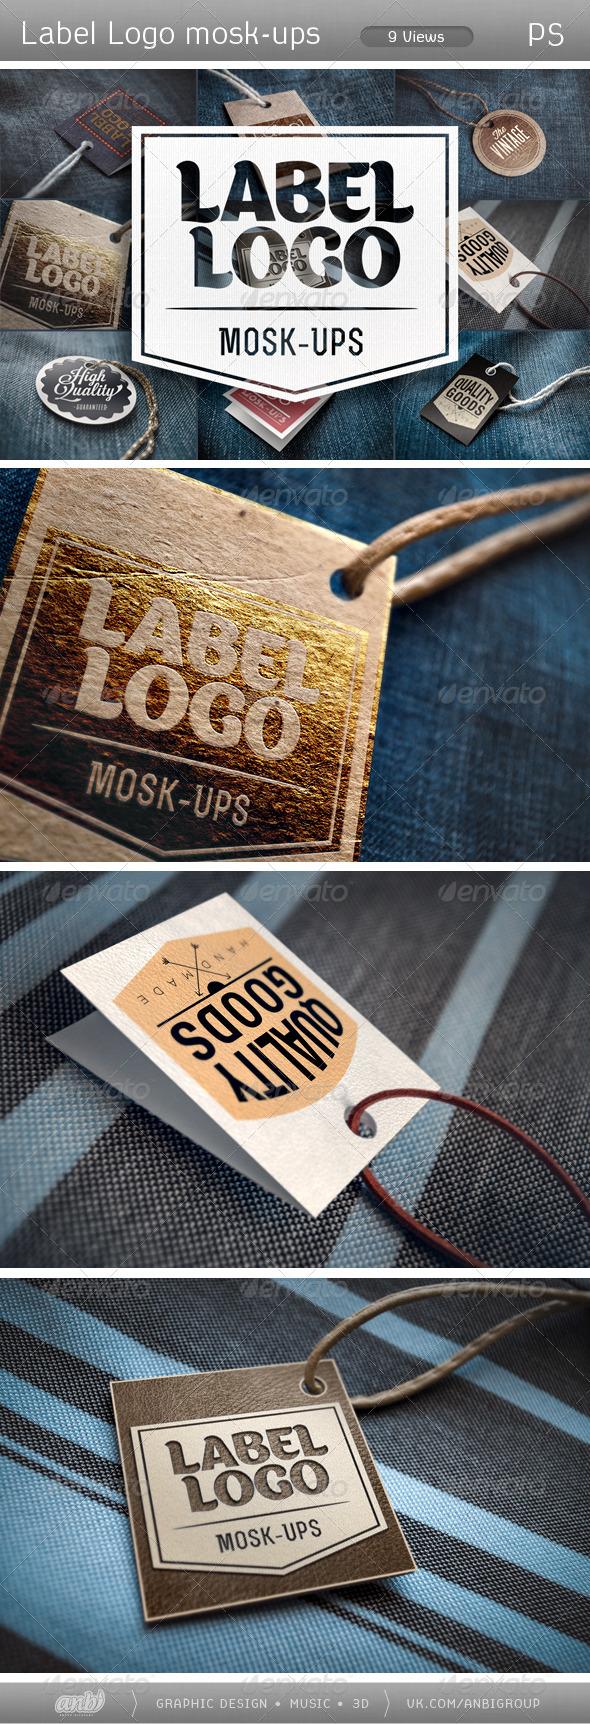 GraphicRiver Label logo Mosk-Ups 5454949